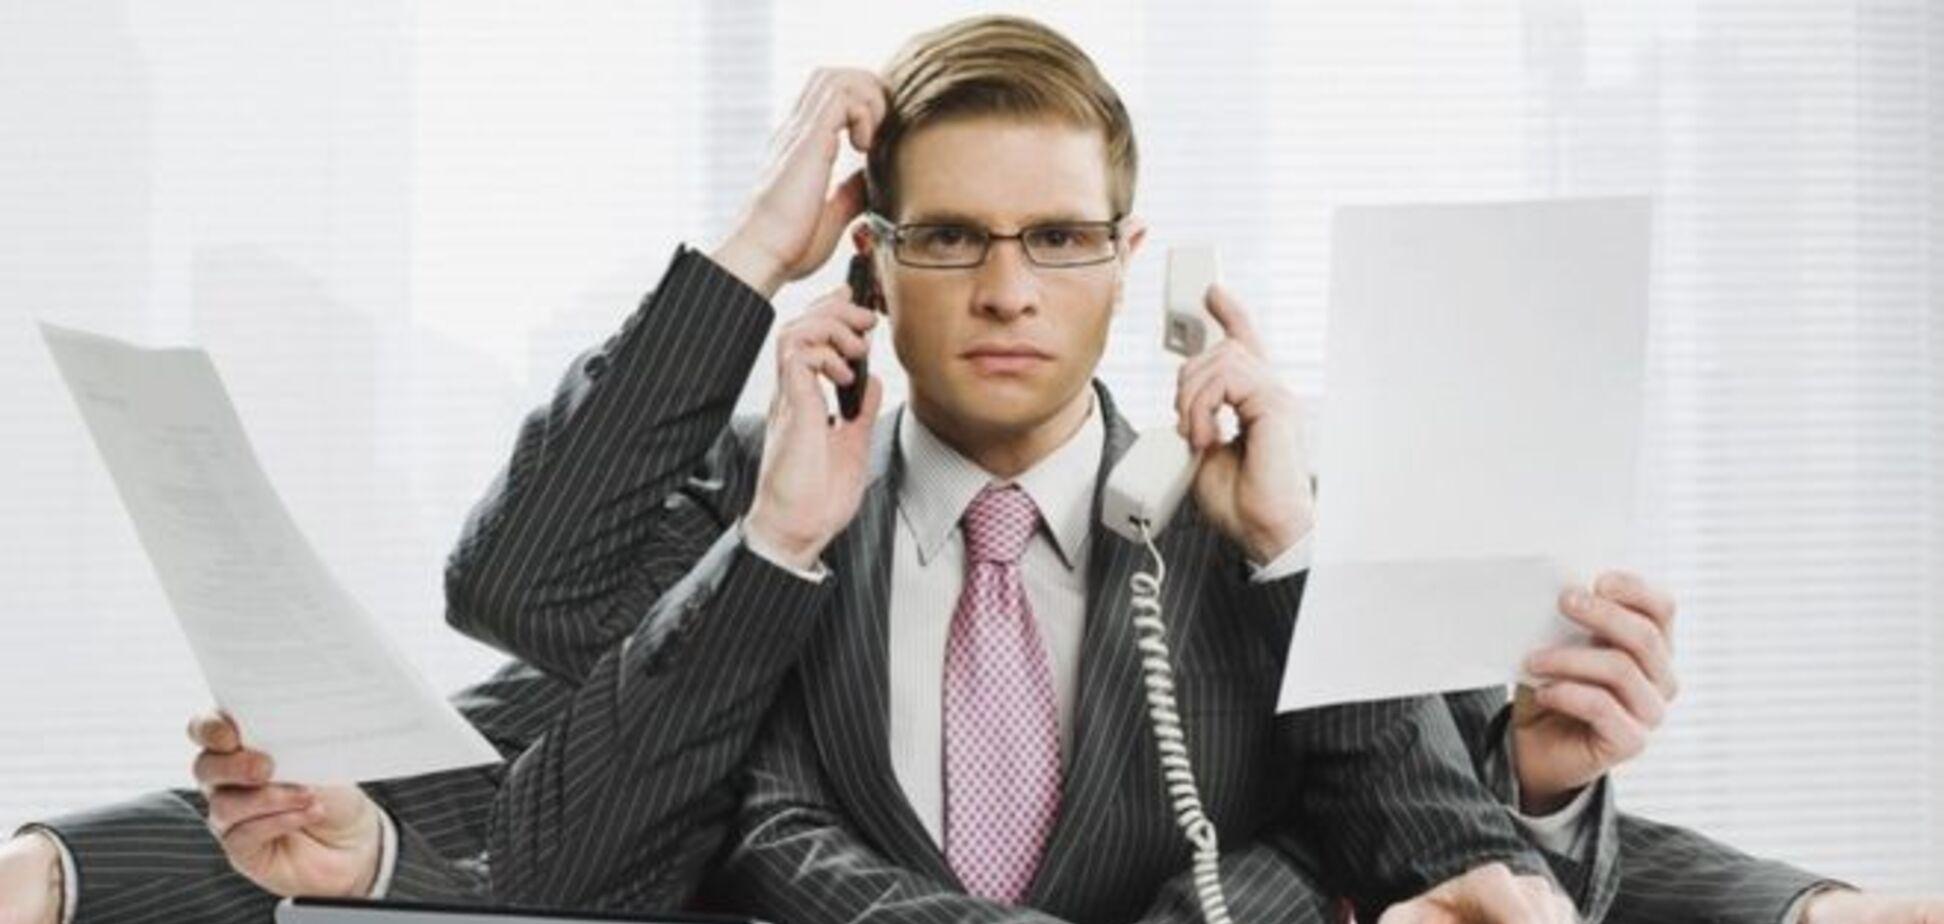 Помогут найти работу: украинцам объяснили пользу карьерных советников